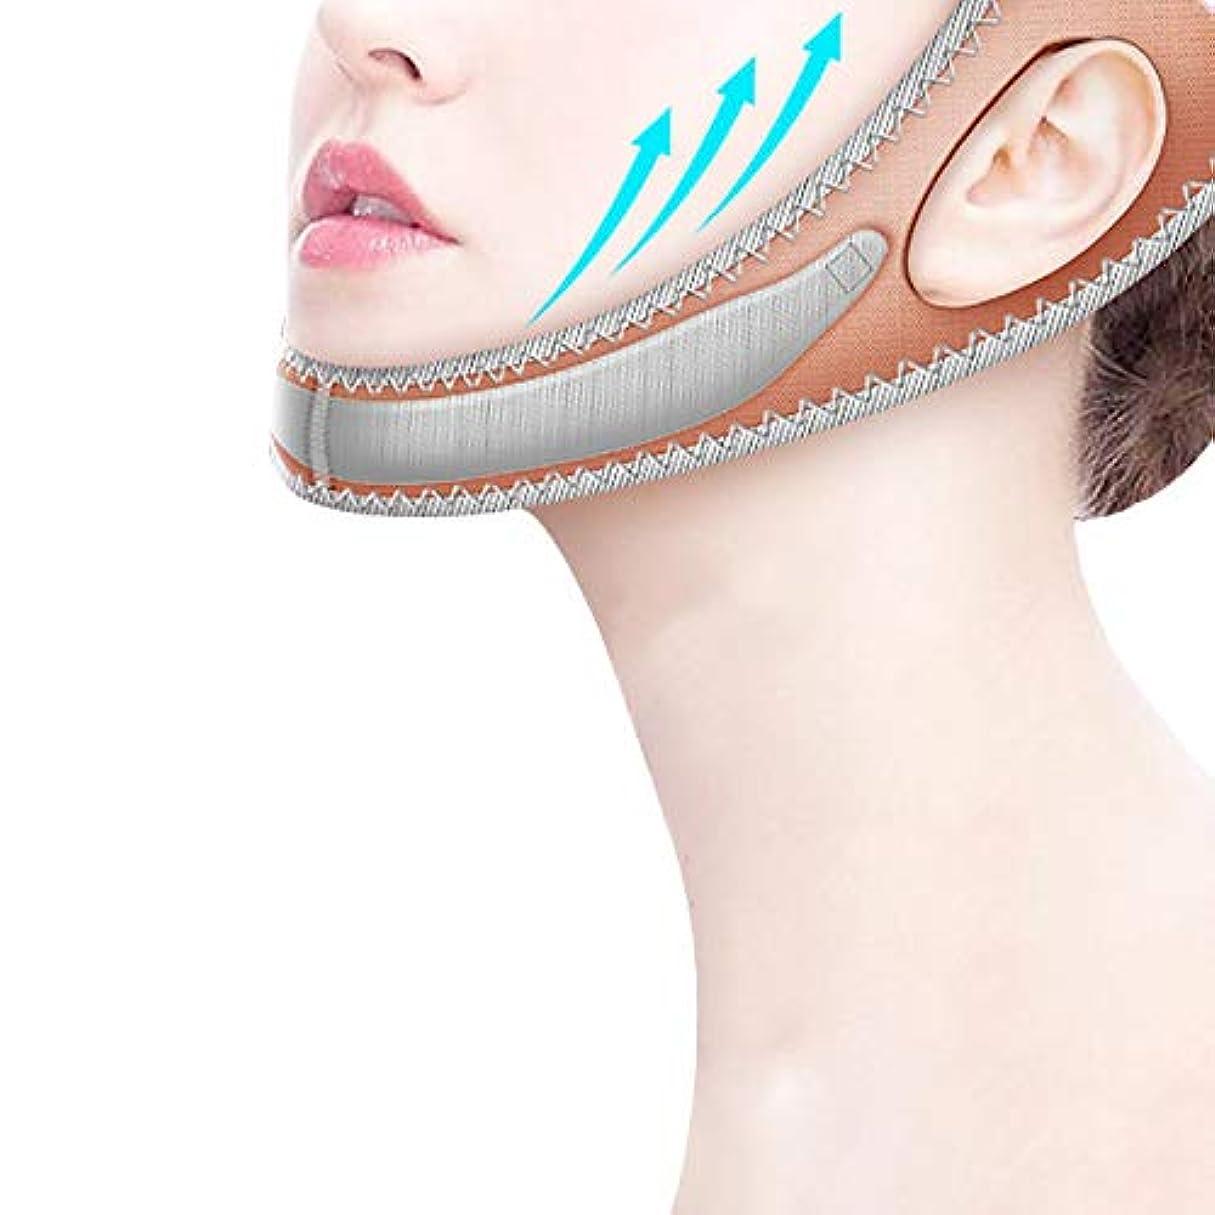 ビヨン折り目受け継ぐ二重あごのプラスチック面の人工物の器械の美顔術のマッサージャーの近くで持ち上がる小さいVの表面の器械の包帯のマスクとの睡眠